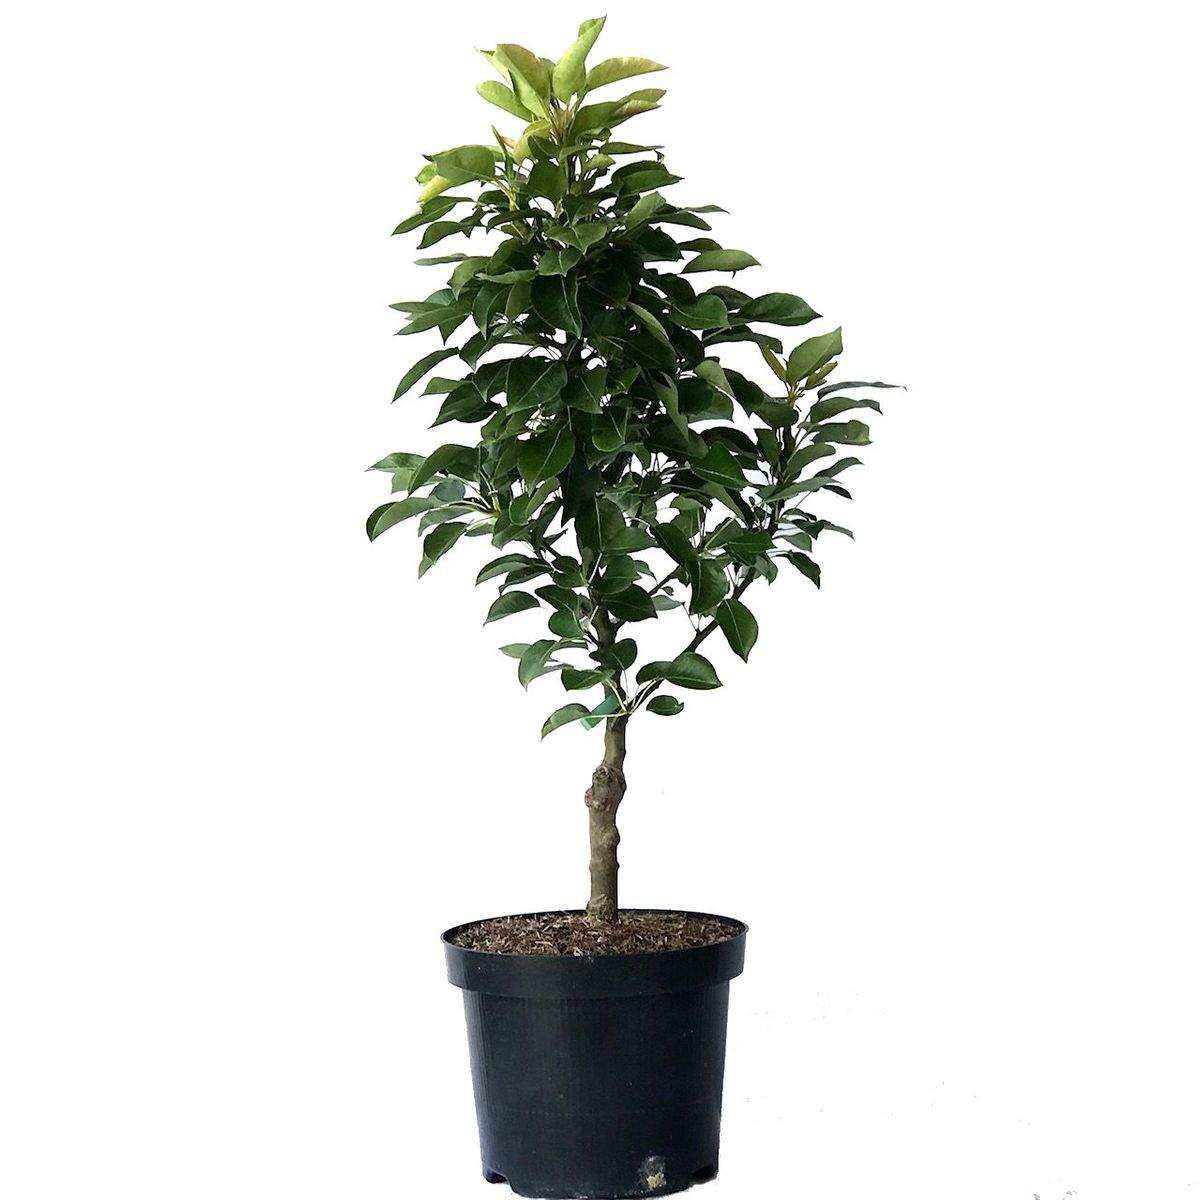 zwergbirne luisa birne kleinbleibender birnenbaum zwergwuchsig 3433